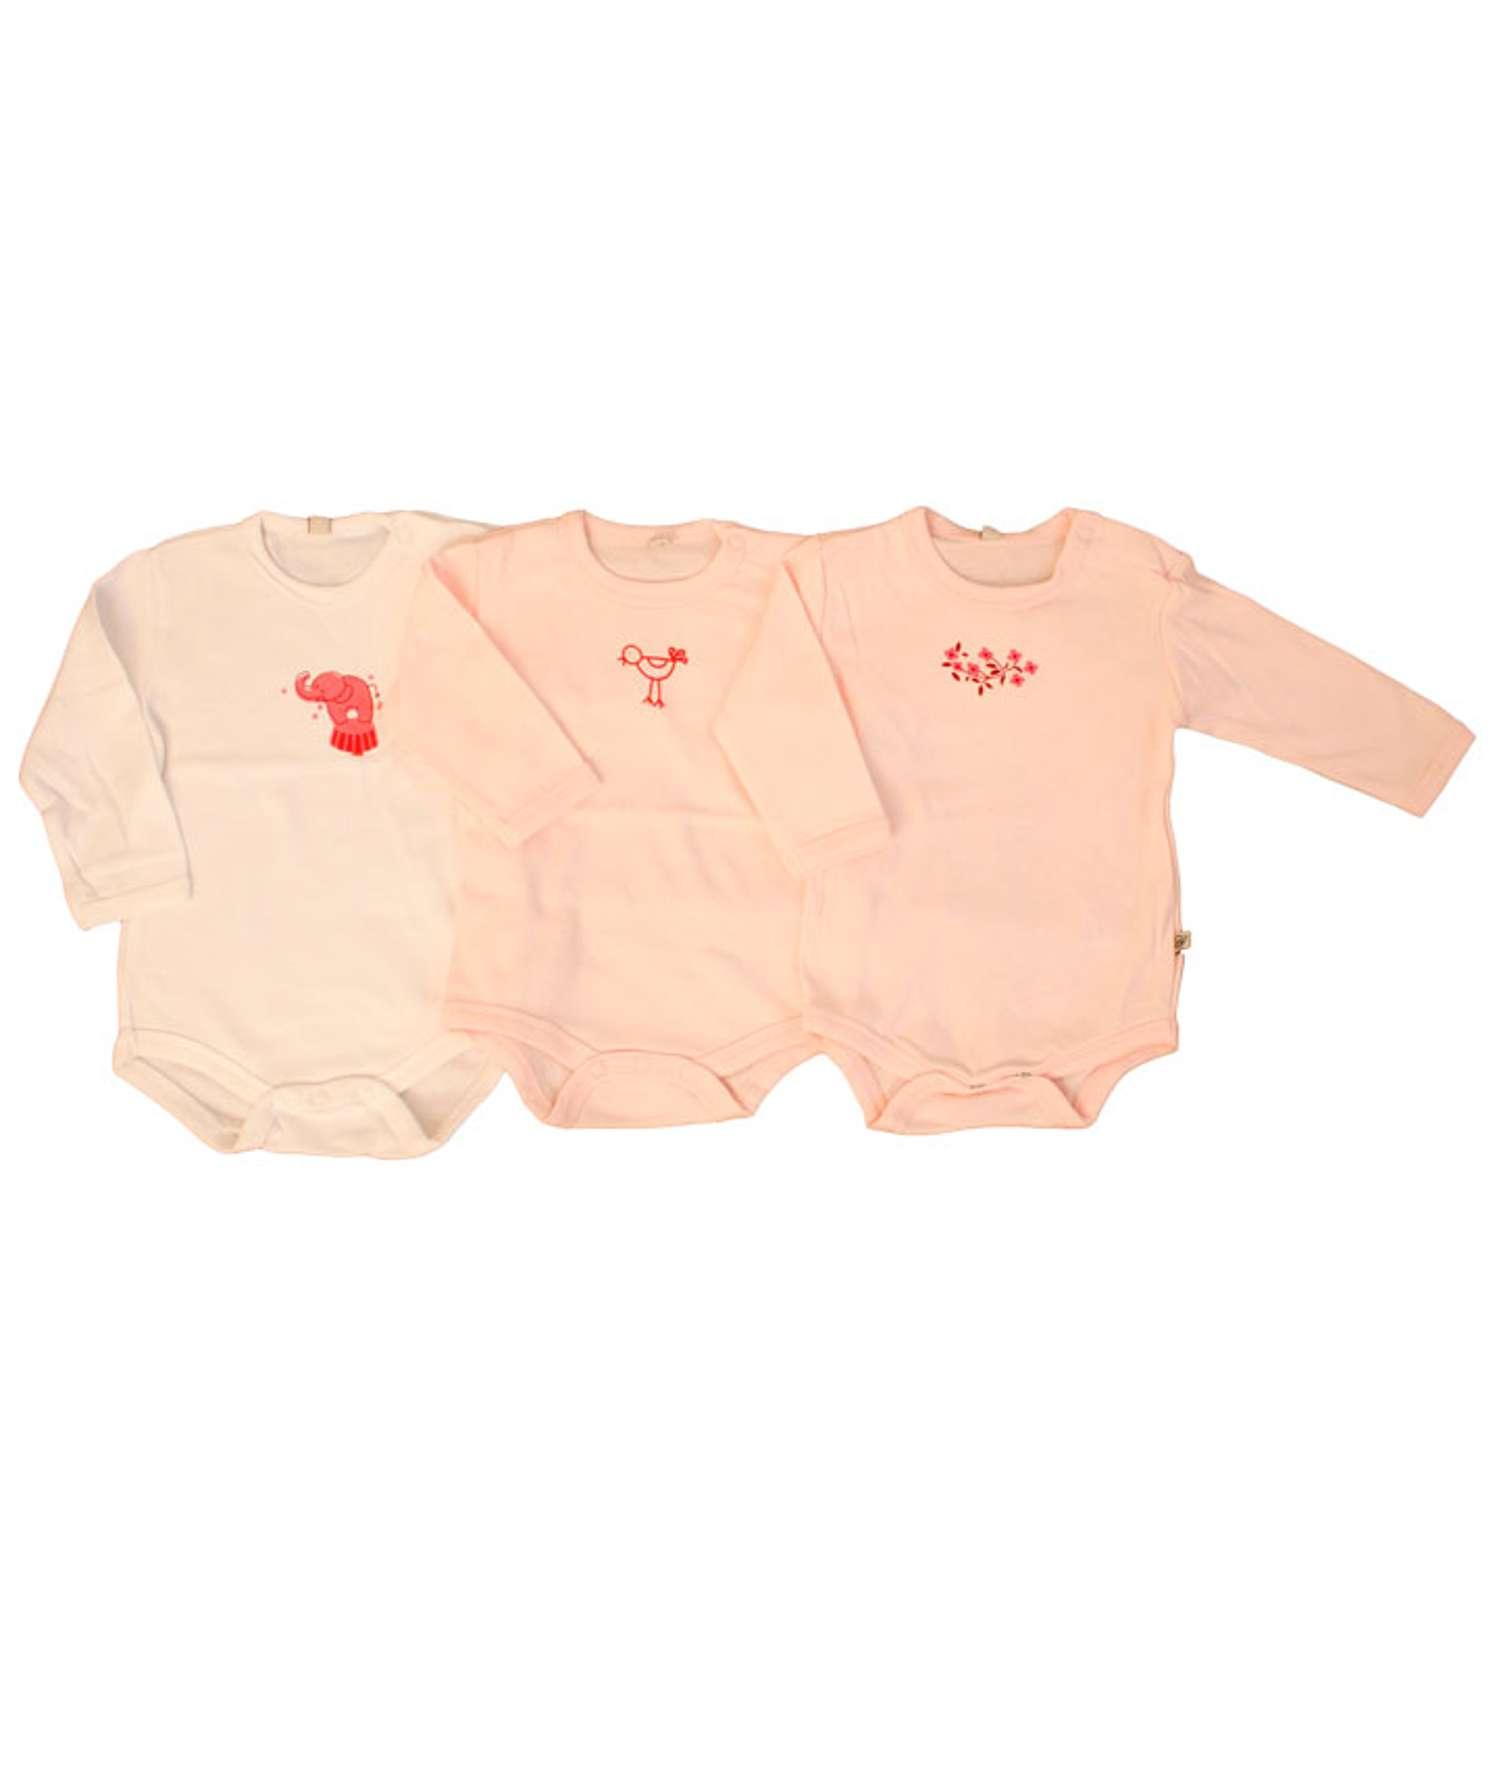 Pippi - Body langærmet - Rosa - Størrelse 74